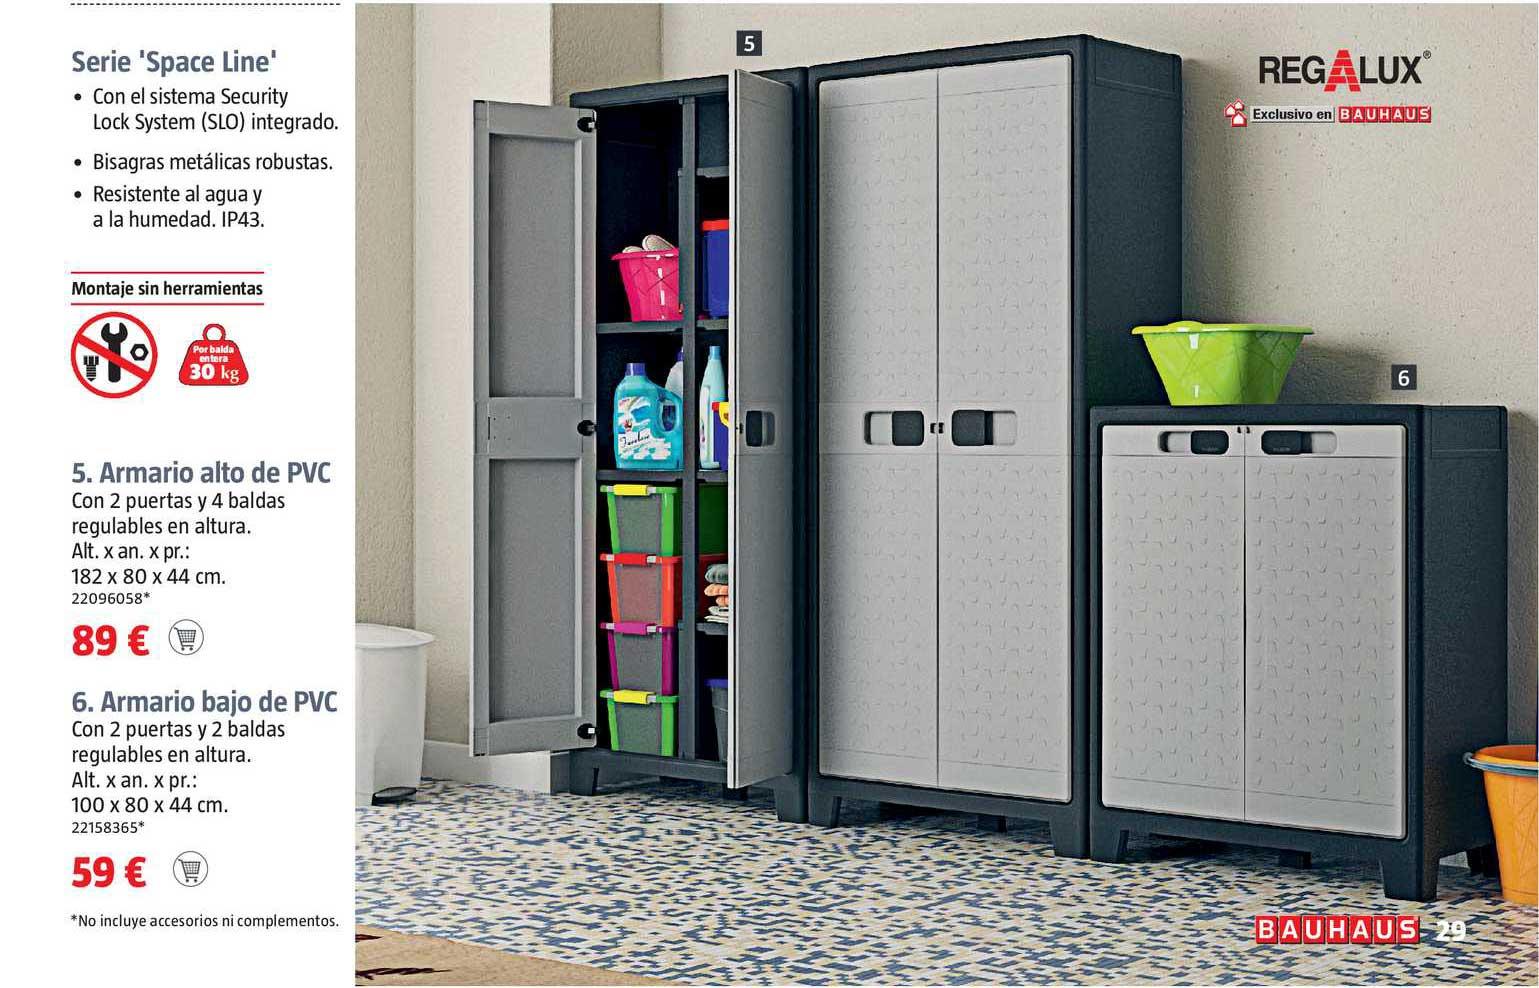 BAUHAUS Regalux Serie Space Line Armario Alto De PVC ∕ Armario Bajo De PVC